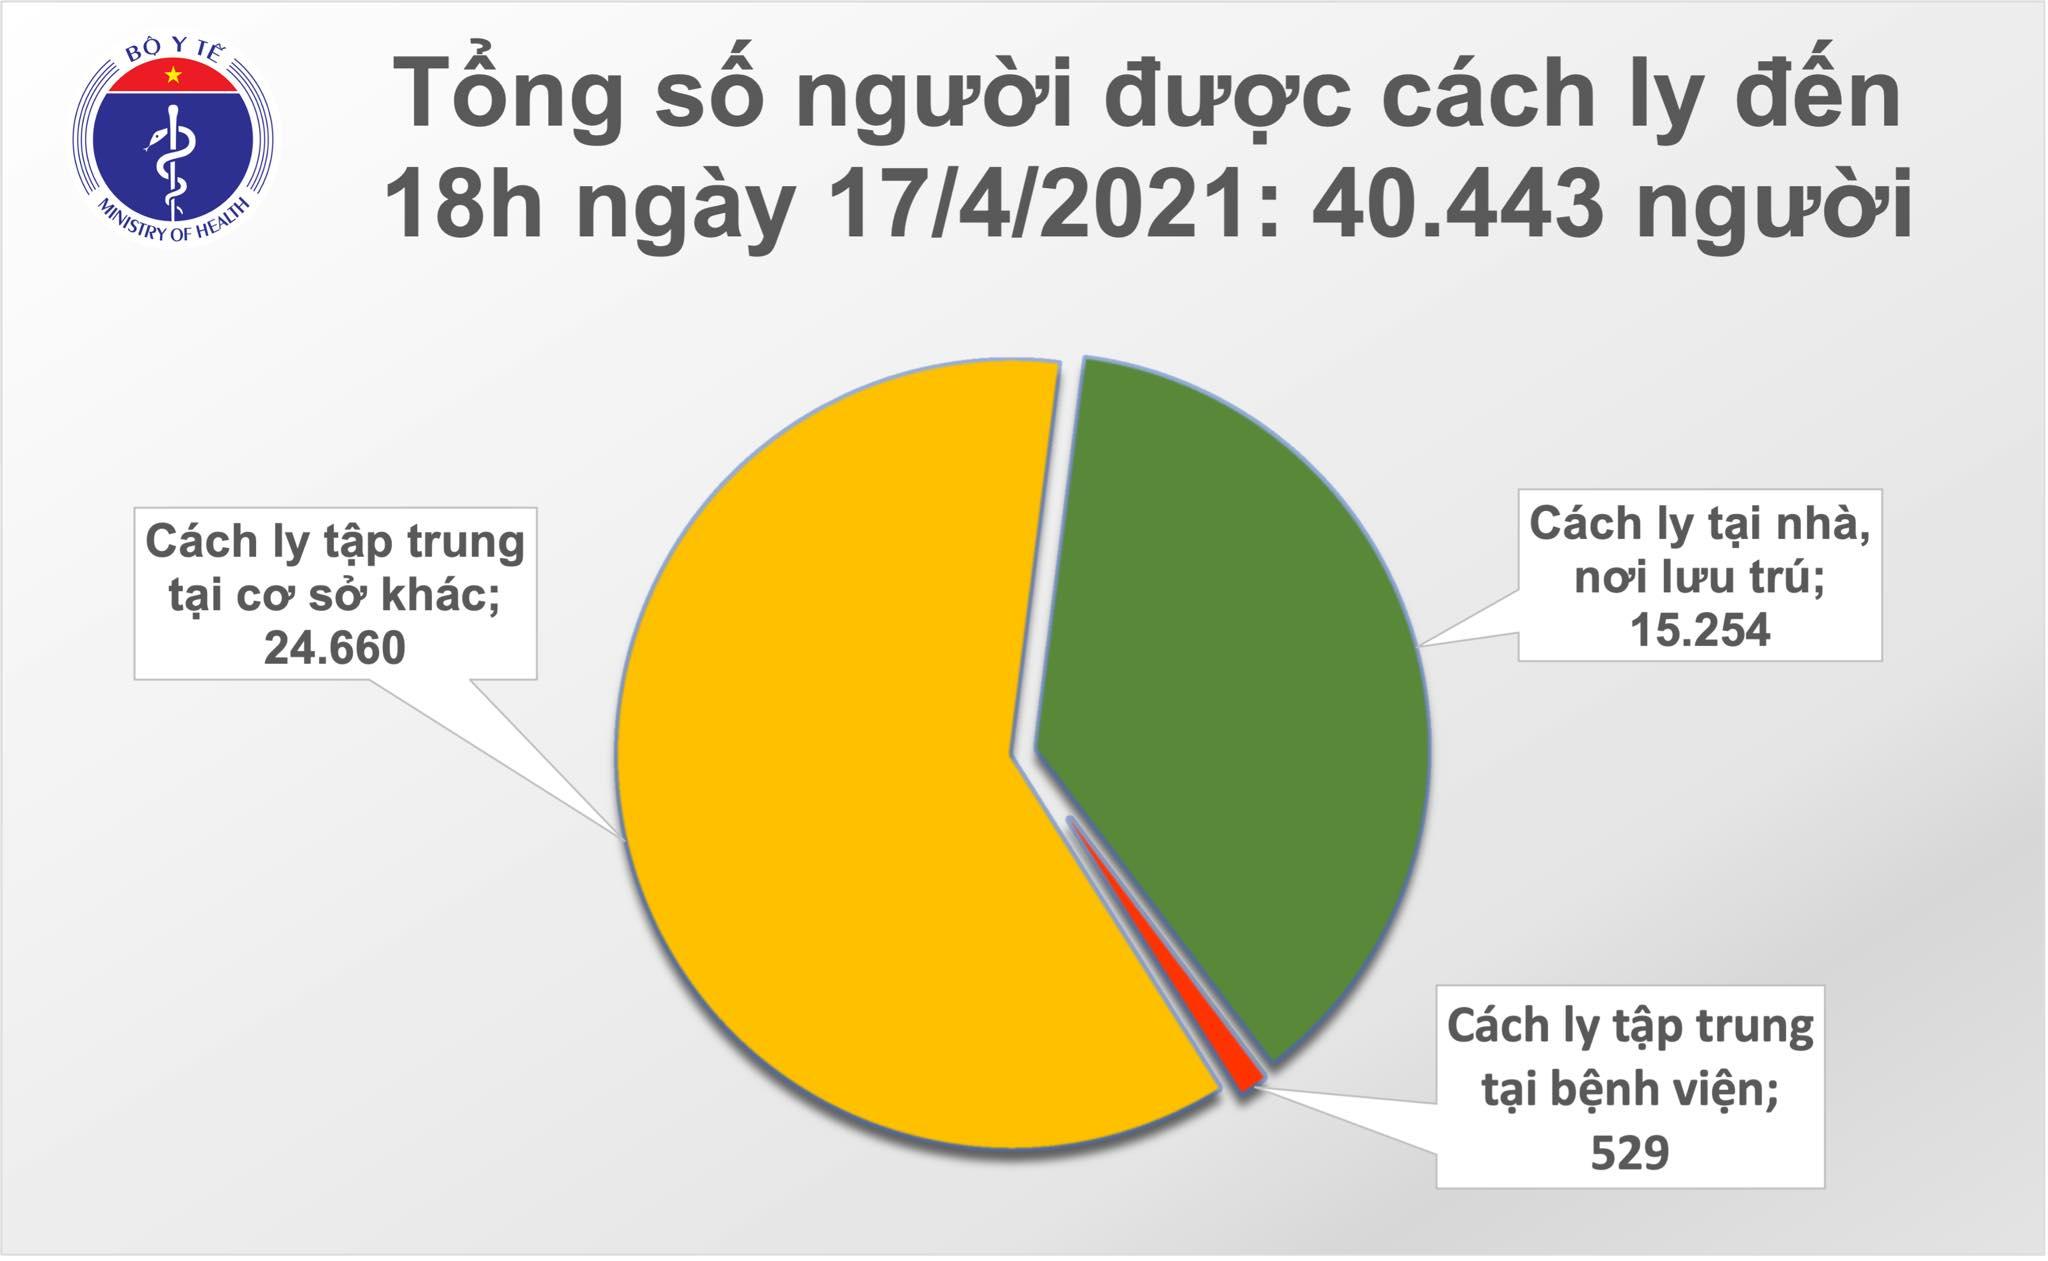 Chiều 17/4: Thêm 8 ca mắc COVID-19 tại Kiên Giang, Khánh Hoà và Đà Nẵng 1